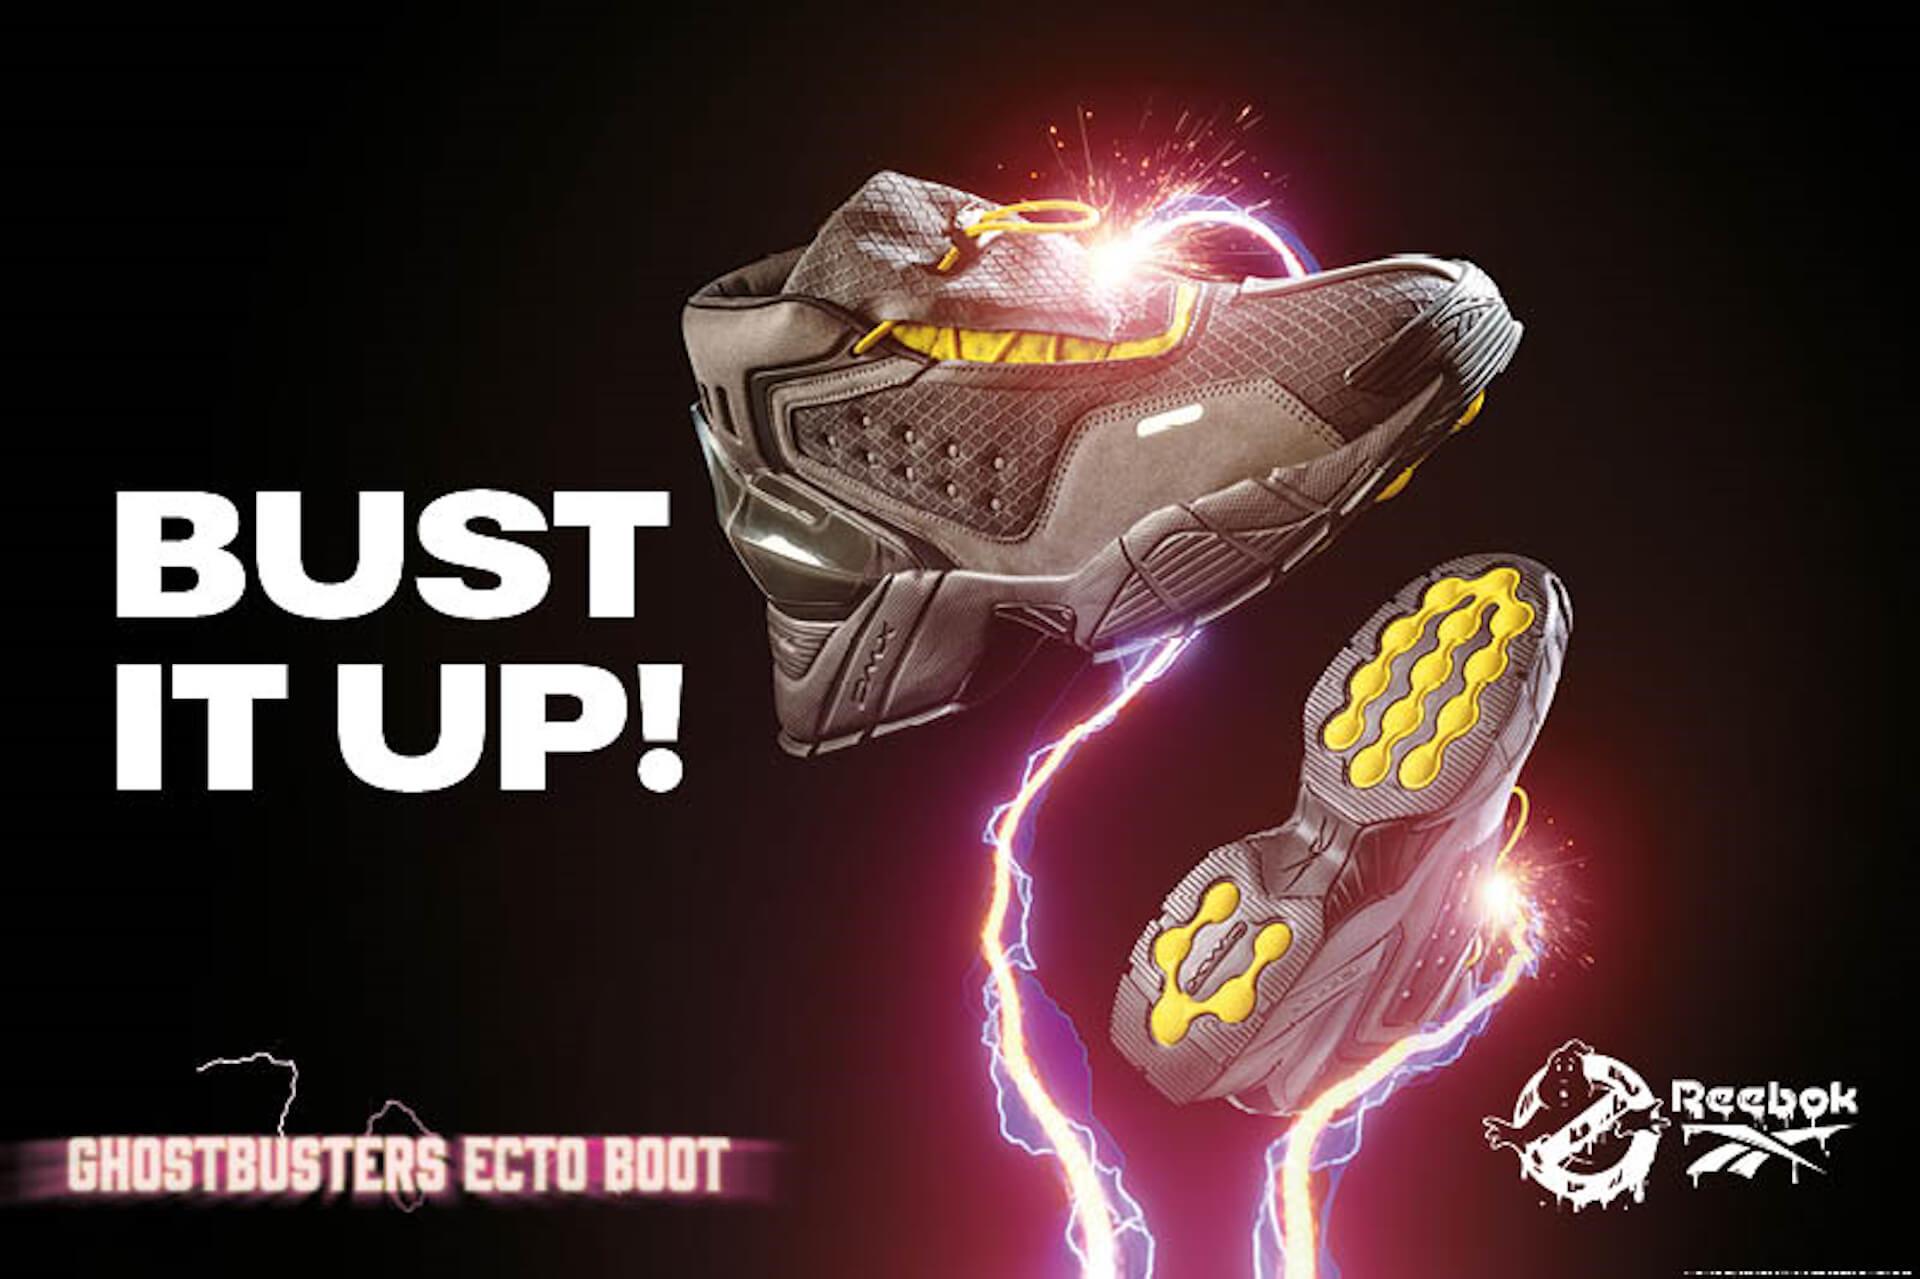 リーボックと「ゴーストバスターズ」のコラボコレクションが登場!「Ecto Boot」、「Answer IV」など5アイテムが発売 life211008_reebok_gb_1